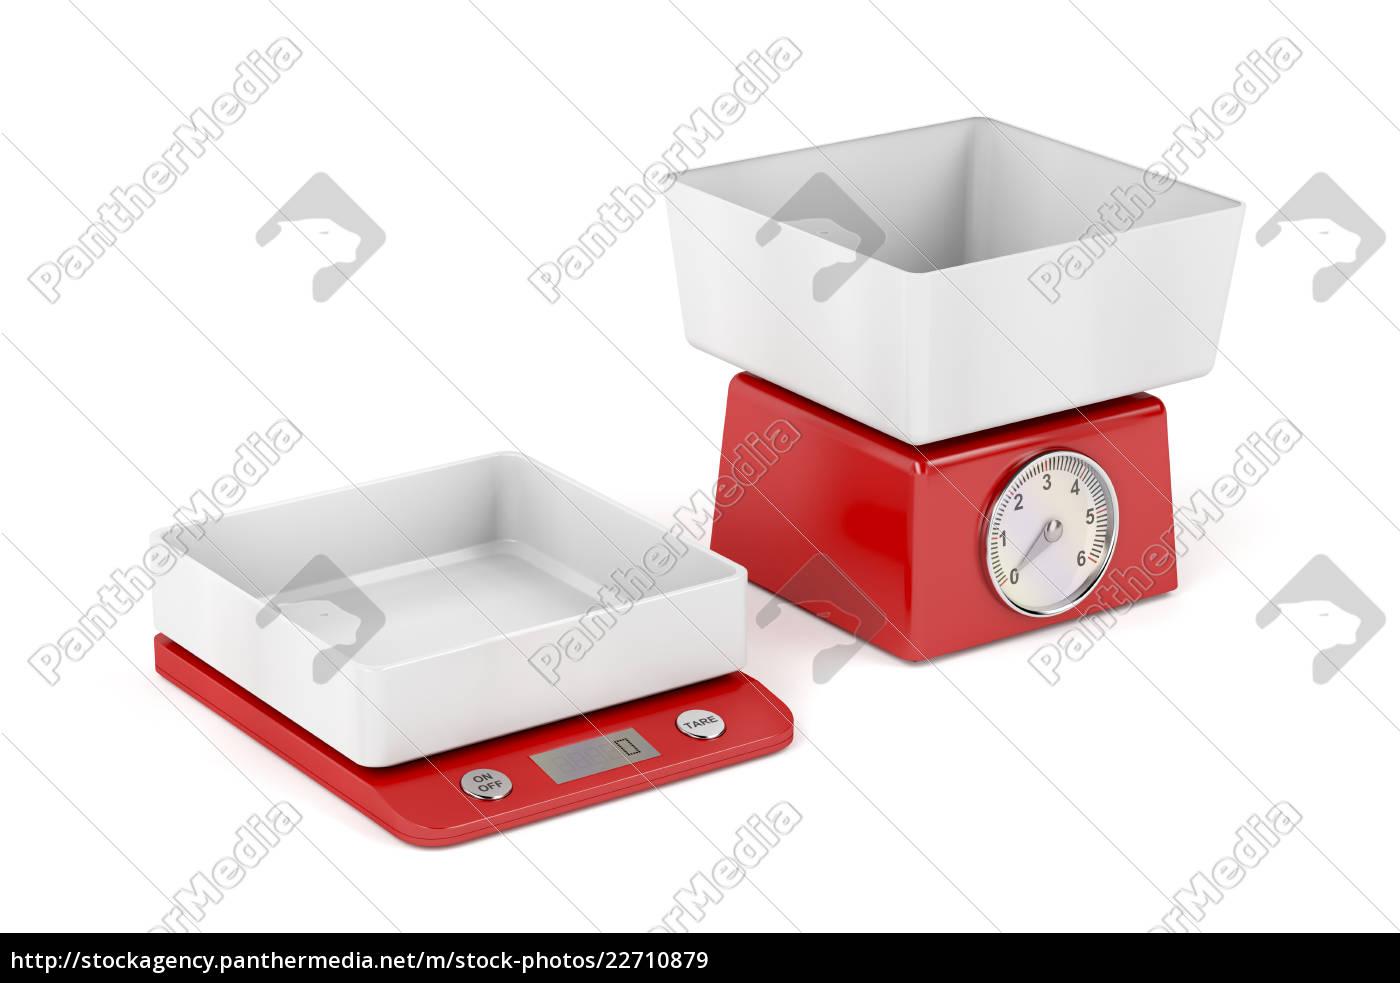 kitchen, weight, scales - 22710879